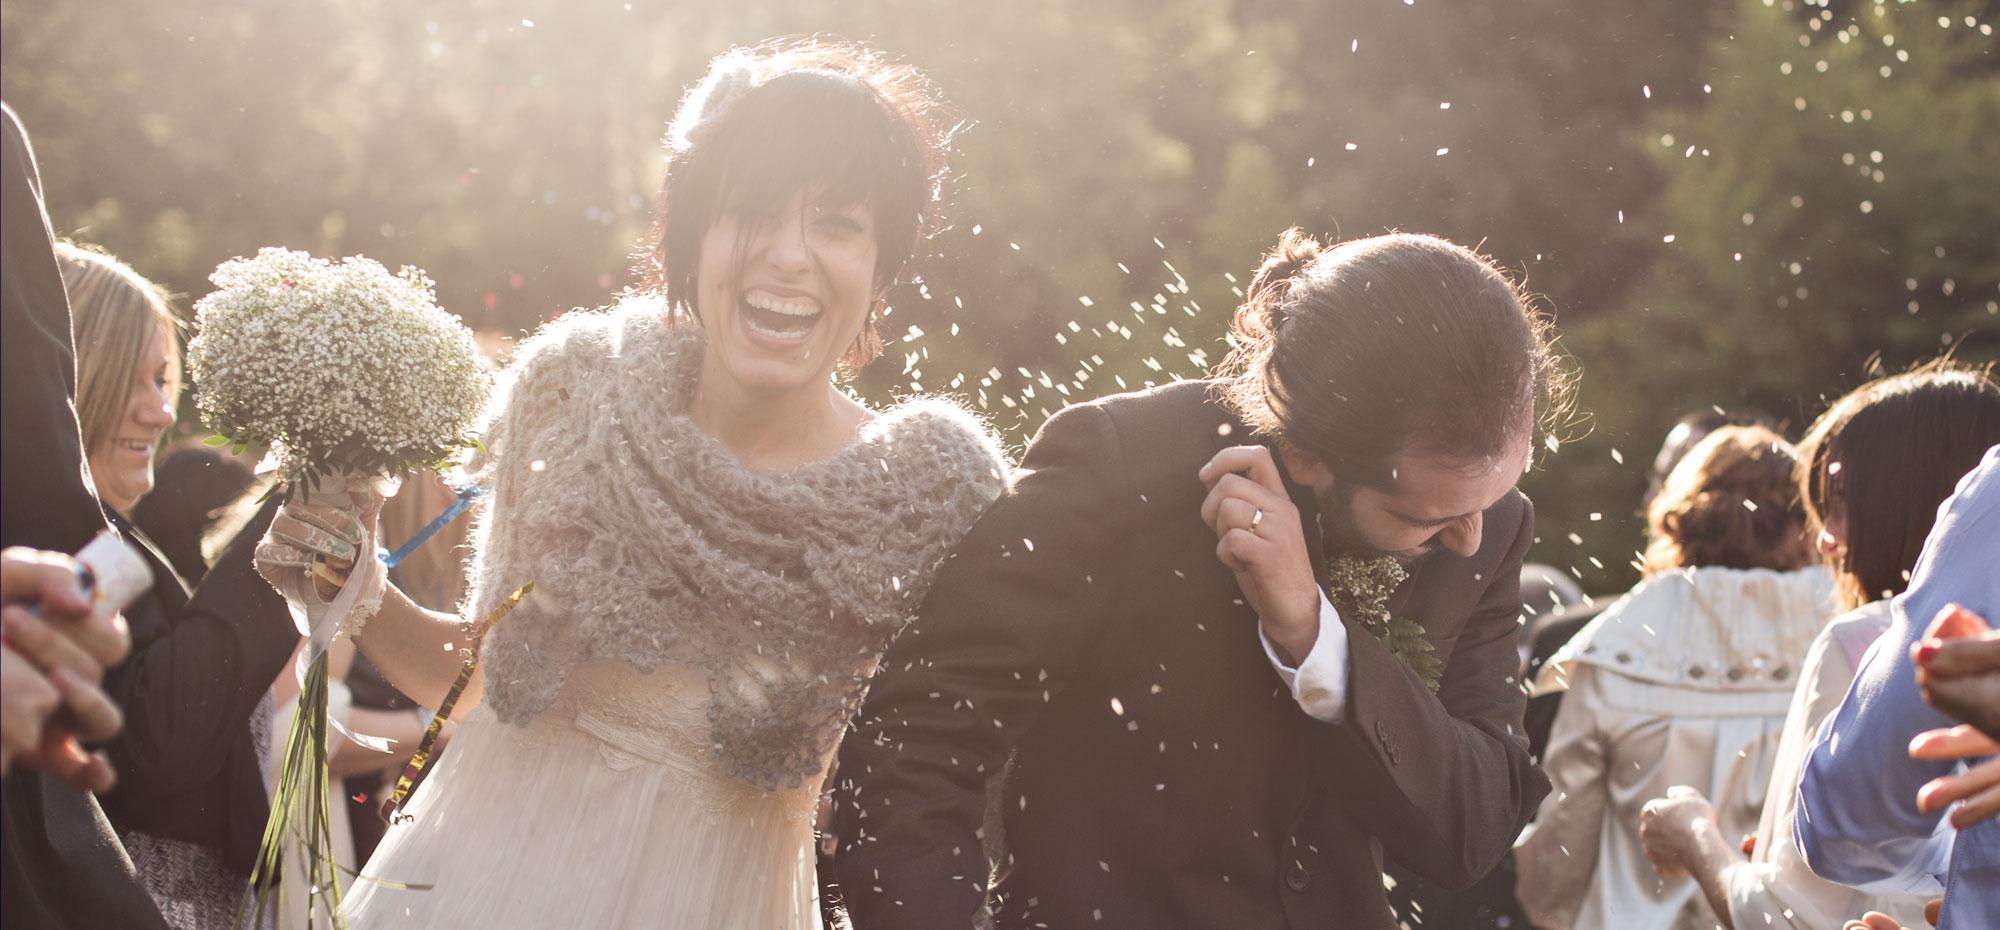 Fot grafa gisel corbo photography fot grafo de bodas en sitges sabadell terrassa - Fotografos en terrassa ...